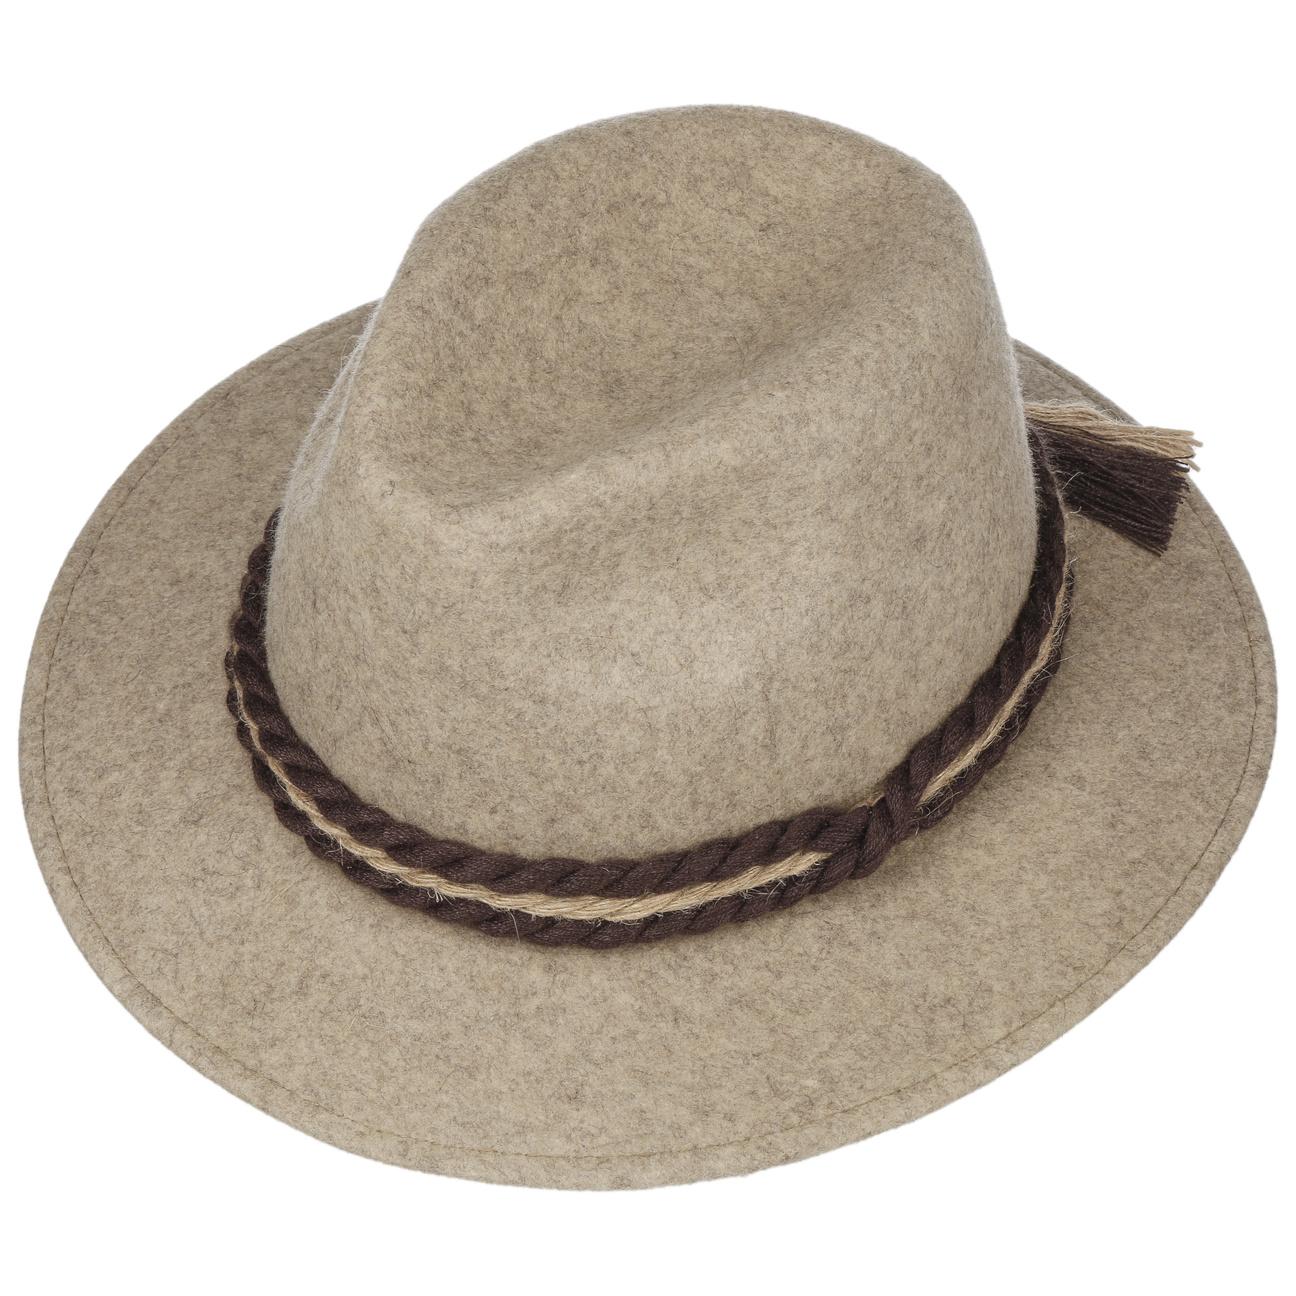 Sombrero Tradicional de Fieltro de Lana - Sombreros - sombreroshop.es ffe28fbf838